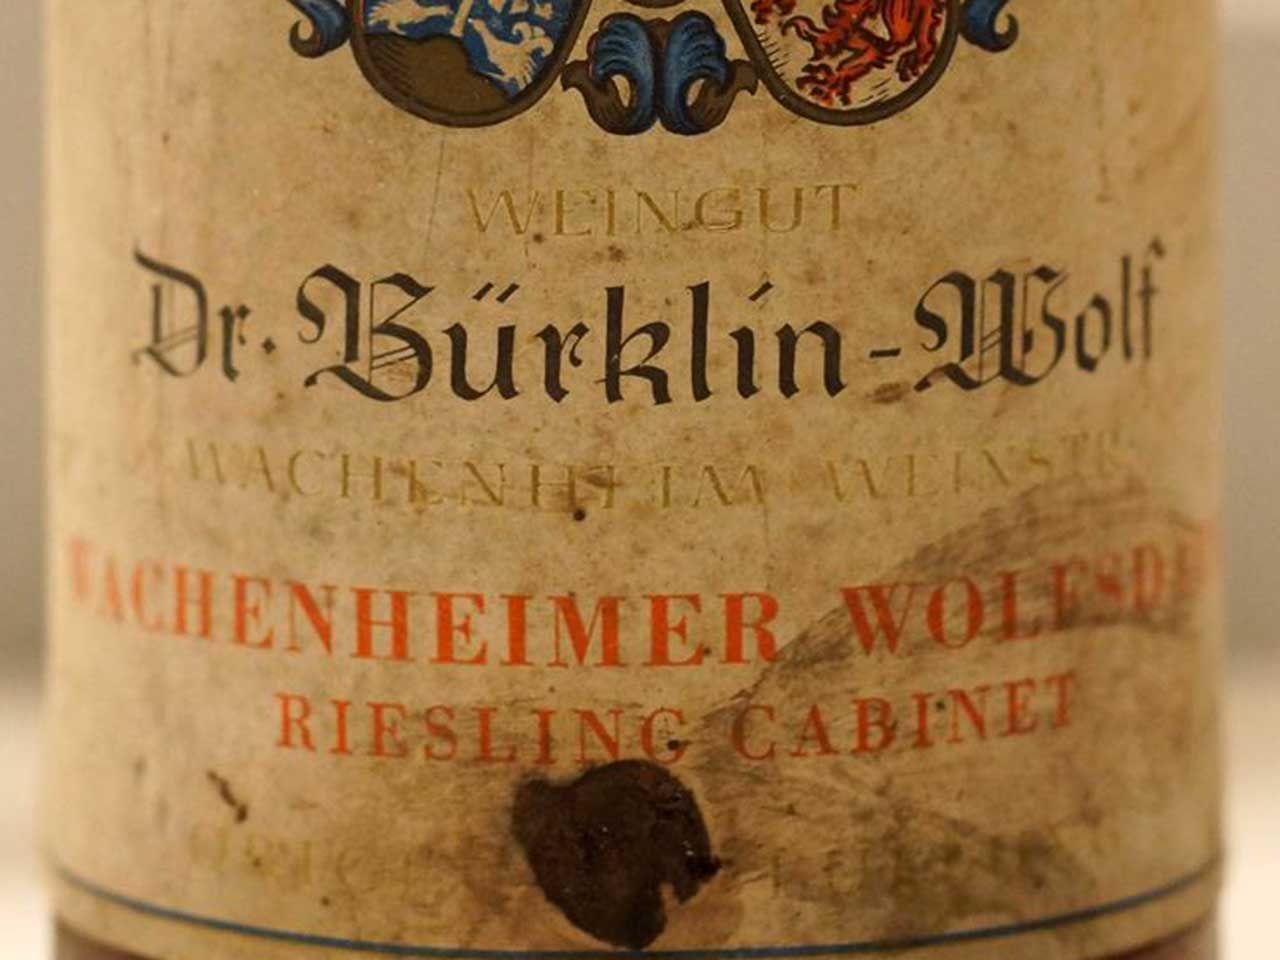 1959-wachenheimer-wolfsdarm-riesling-cabinet-dr-buerklin-wolf-2-1280x960